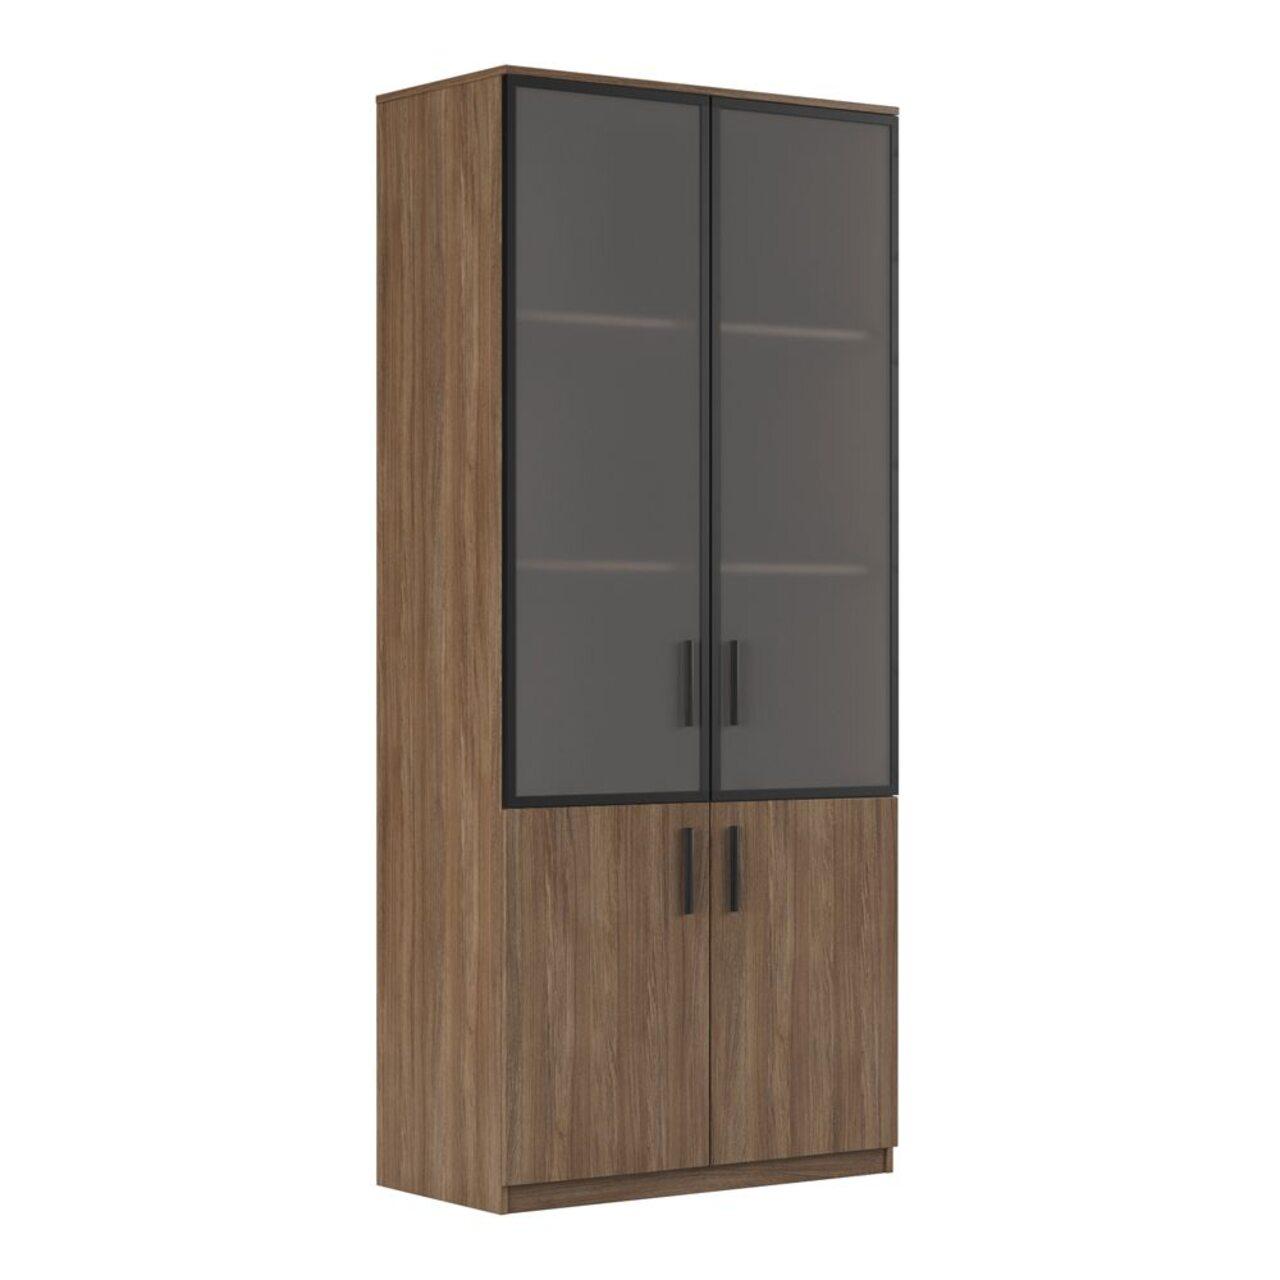 Шкаф для бумаг (древесный)  ASTI 90x45x205 - фото 3